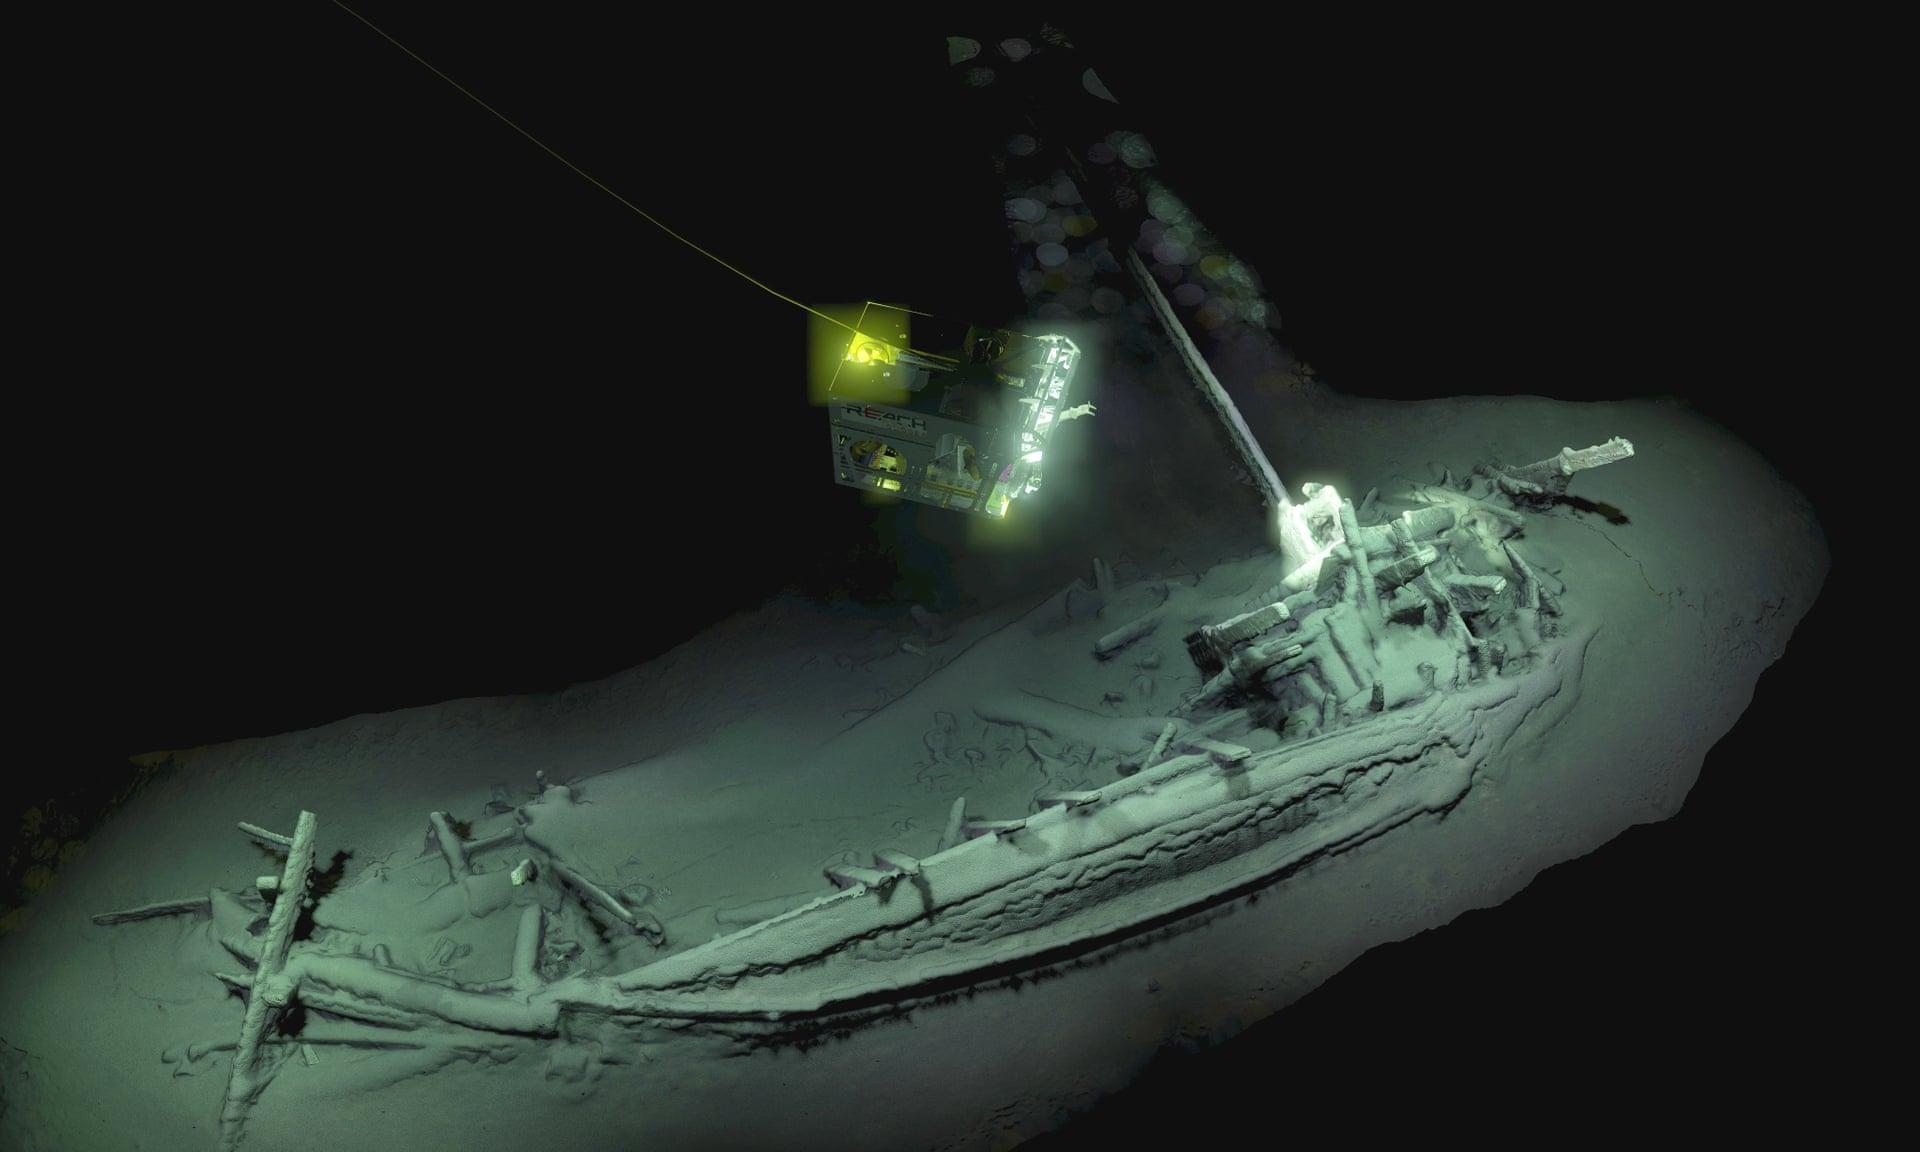 Scoperta epocale nei fondali del Mar Nero, trovata la più antica nave di sempre: è di 2.400 anni fa